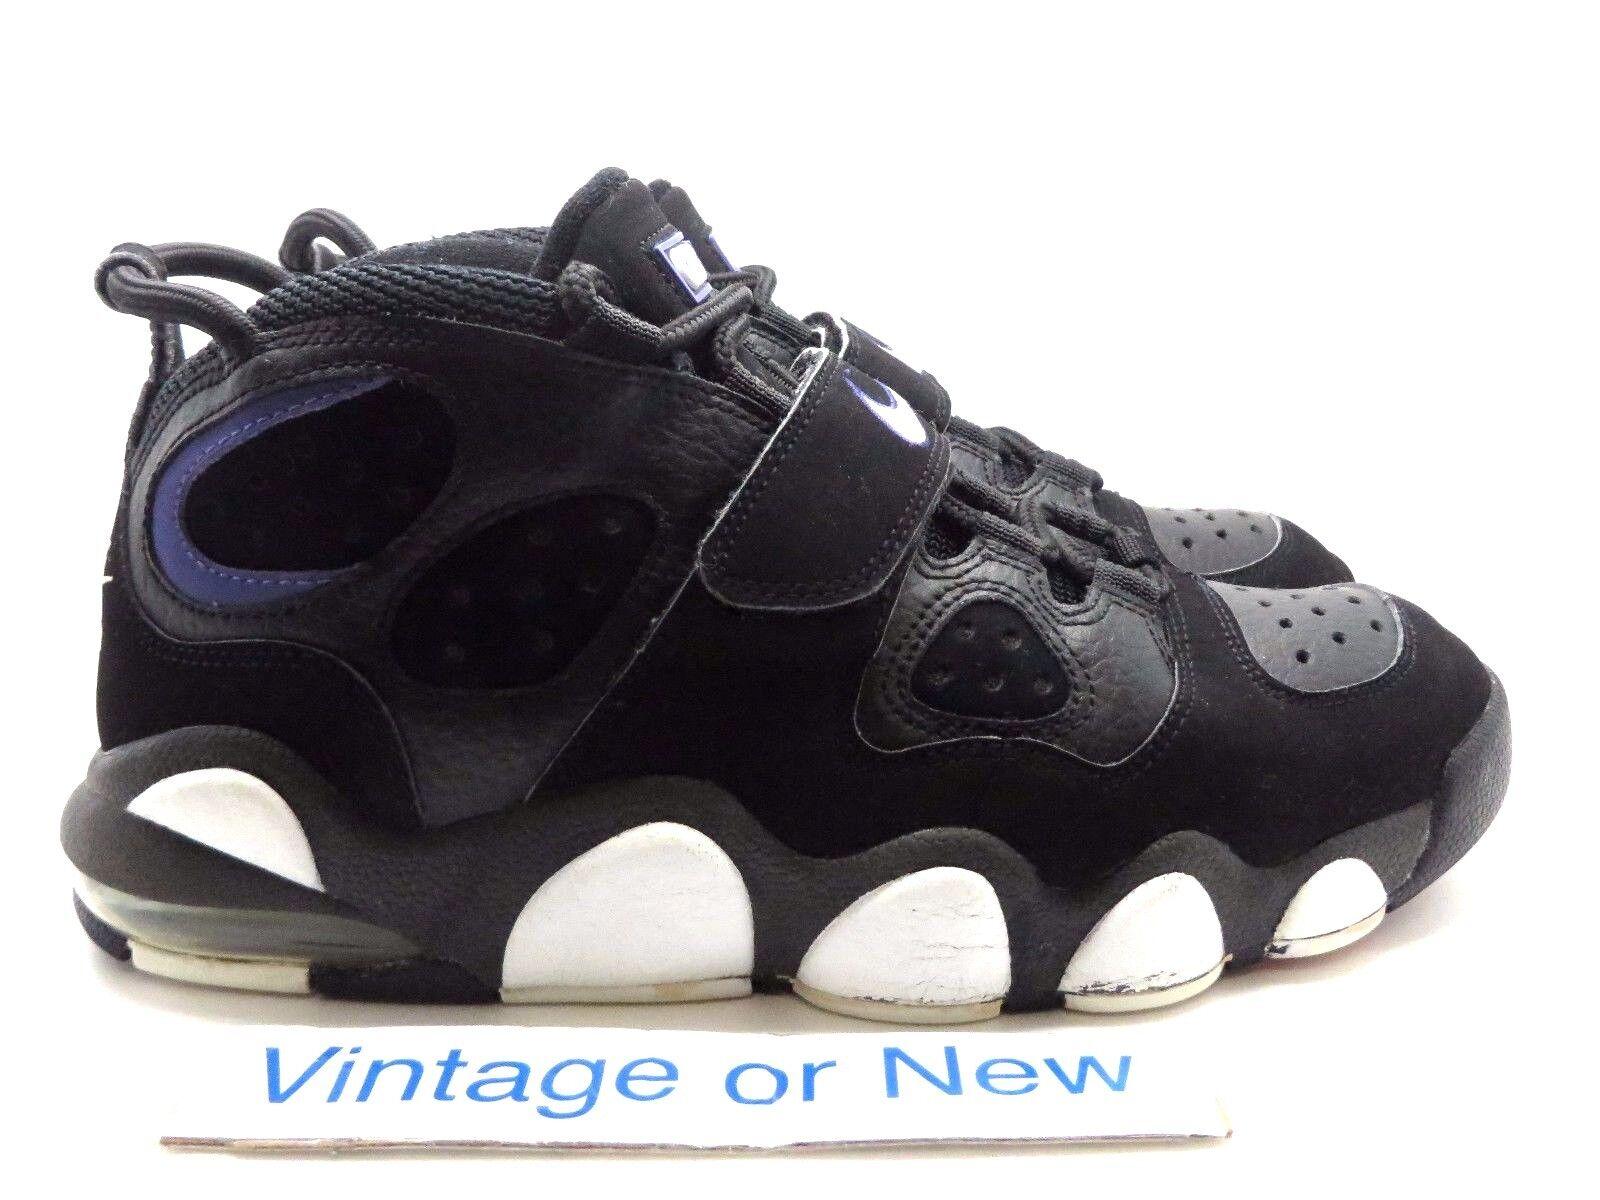 Nike Air Max 2007 CB34 Godzilla Charles Barkley 2007 Max sz 10 aa7917